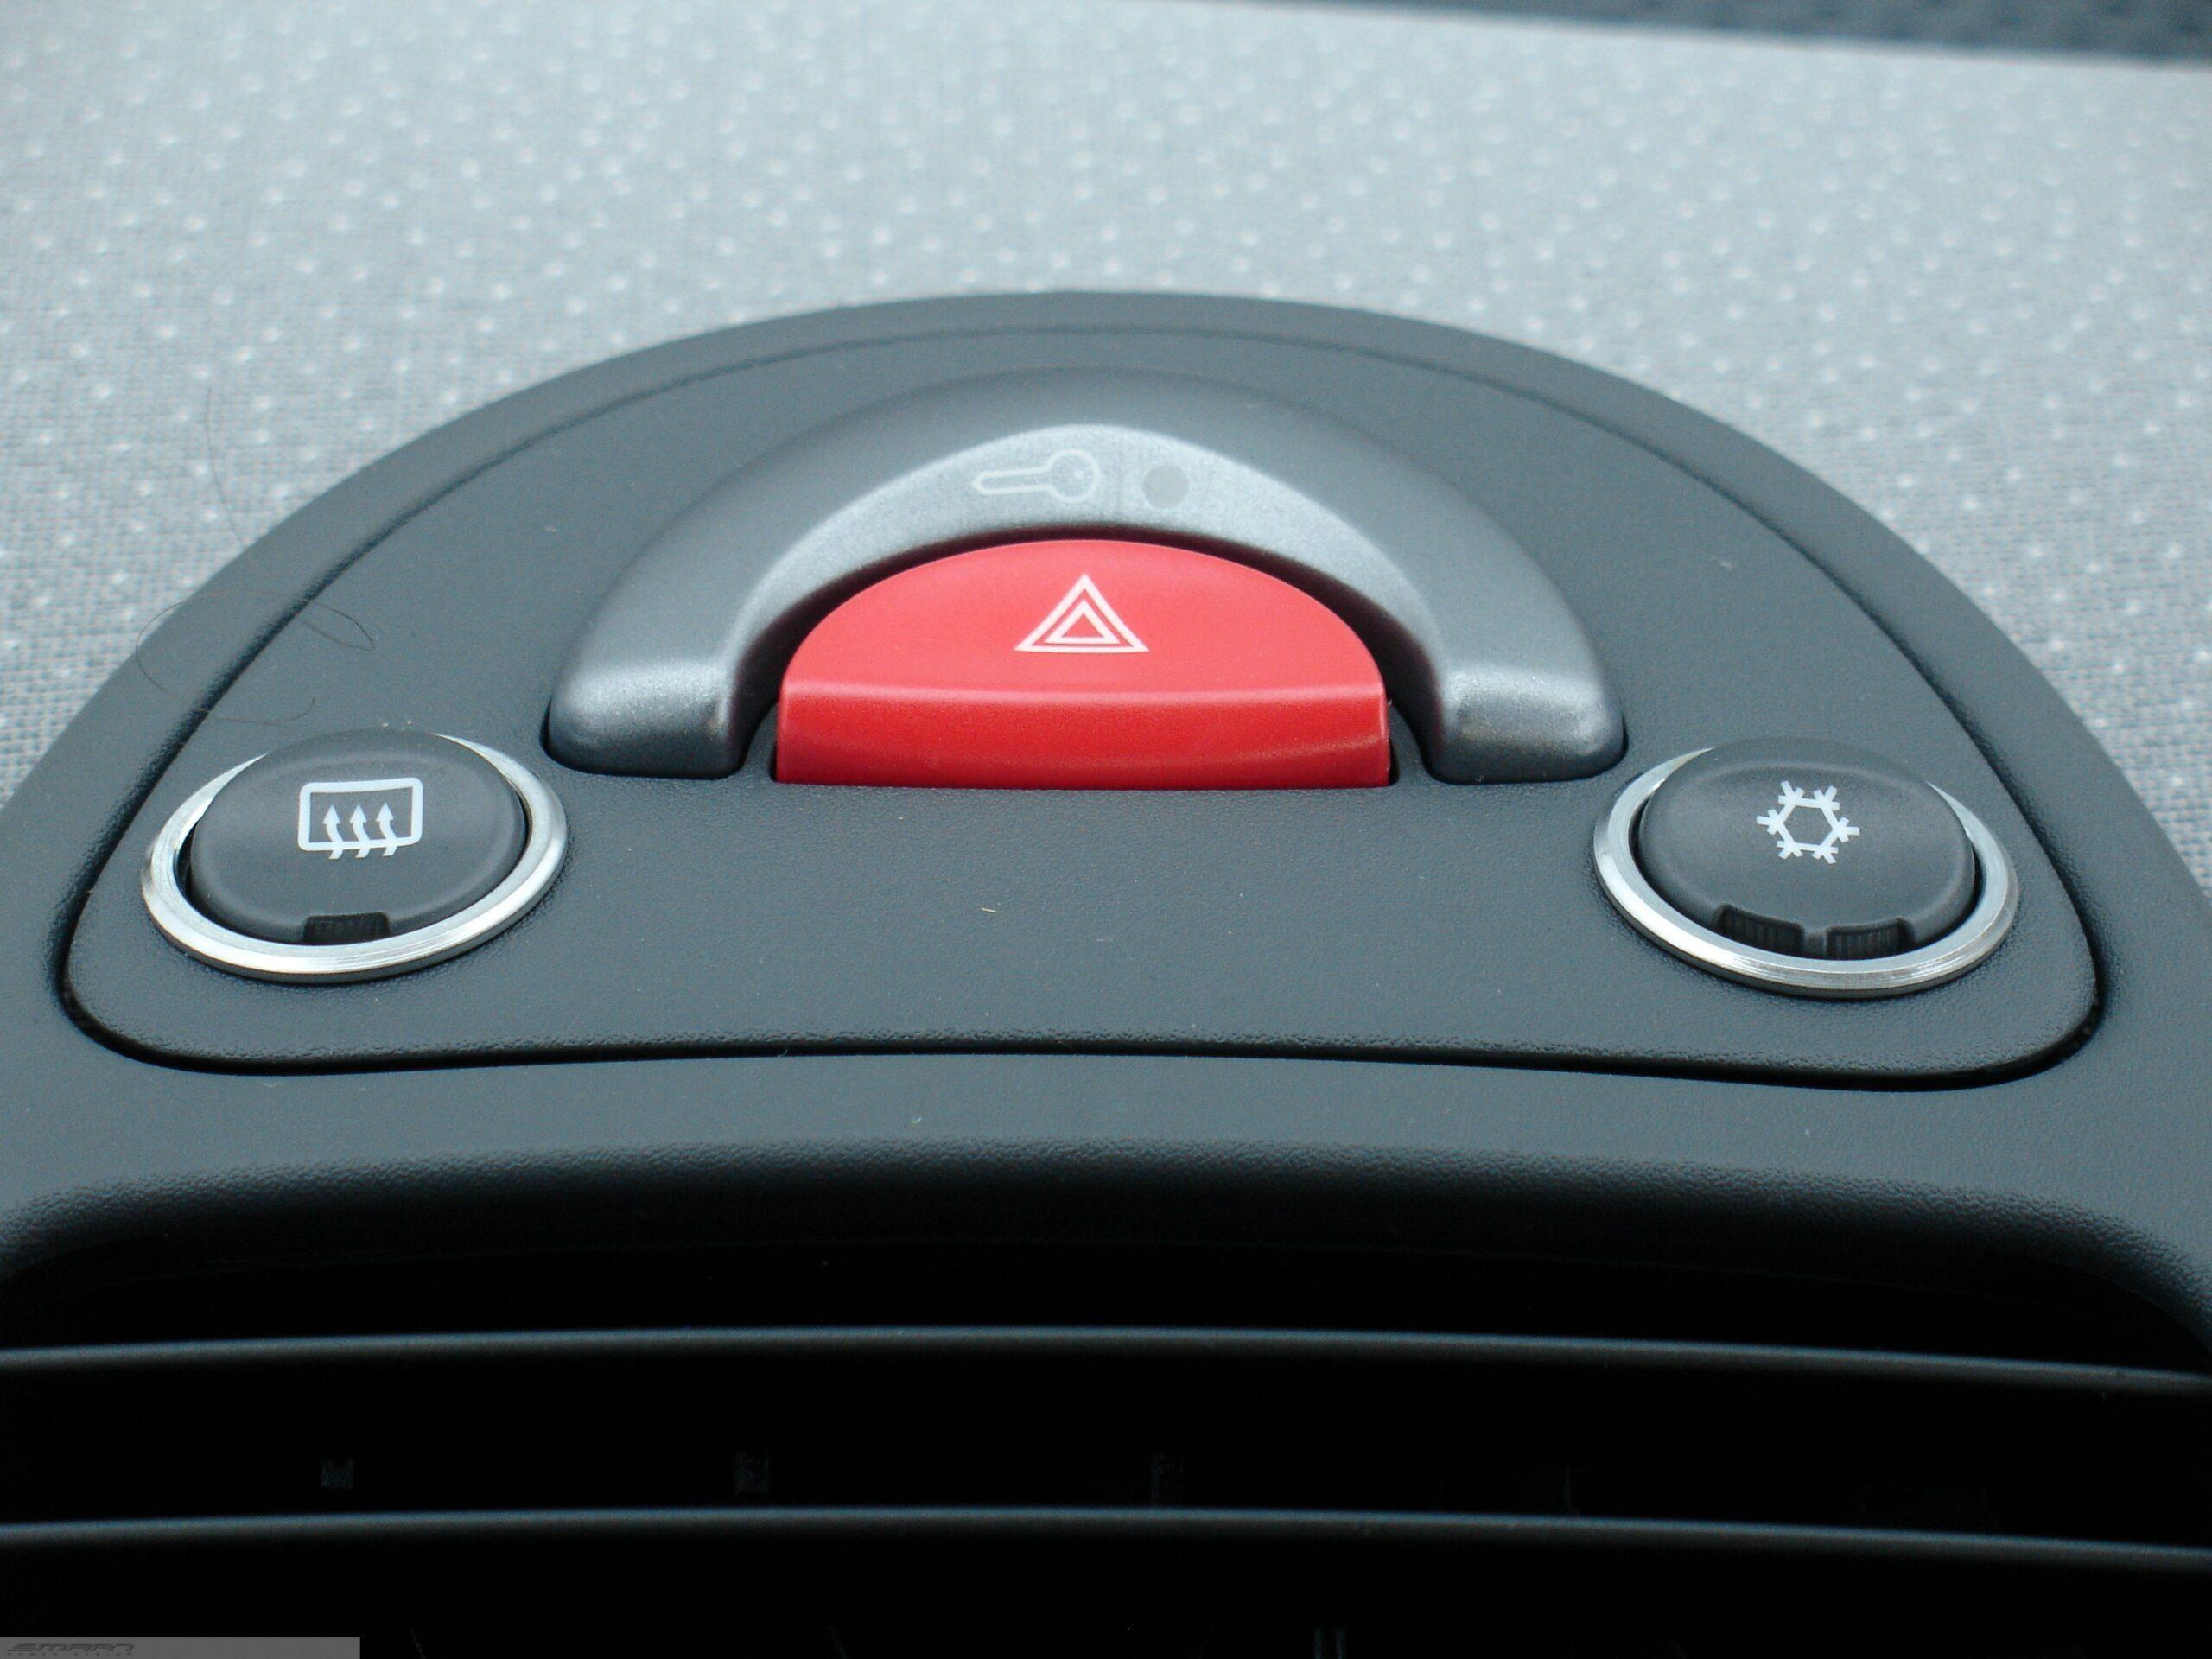 Αυτό είναι το σετ δαχτυλιδιών για τα δύο (2) κουμπιά δίπλα από το κεντρικό κλείδωμα που διατίθεται για το Smart Fortwo 450 από την Smart Power Design.